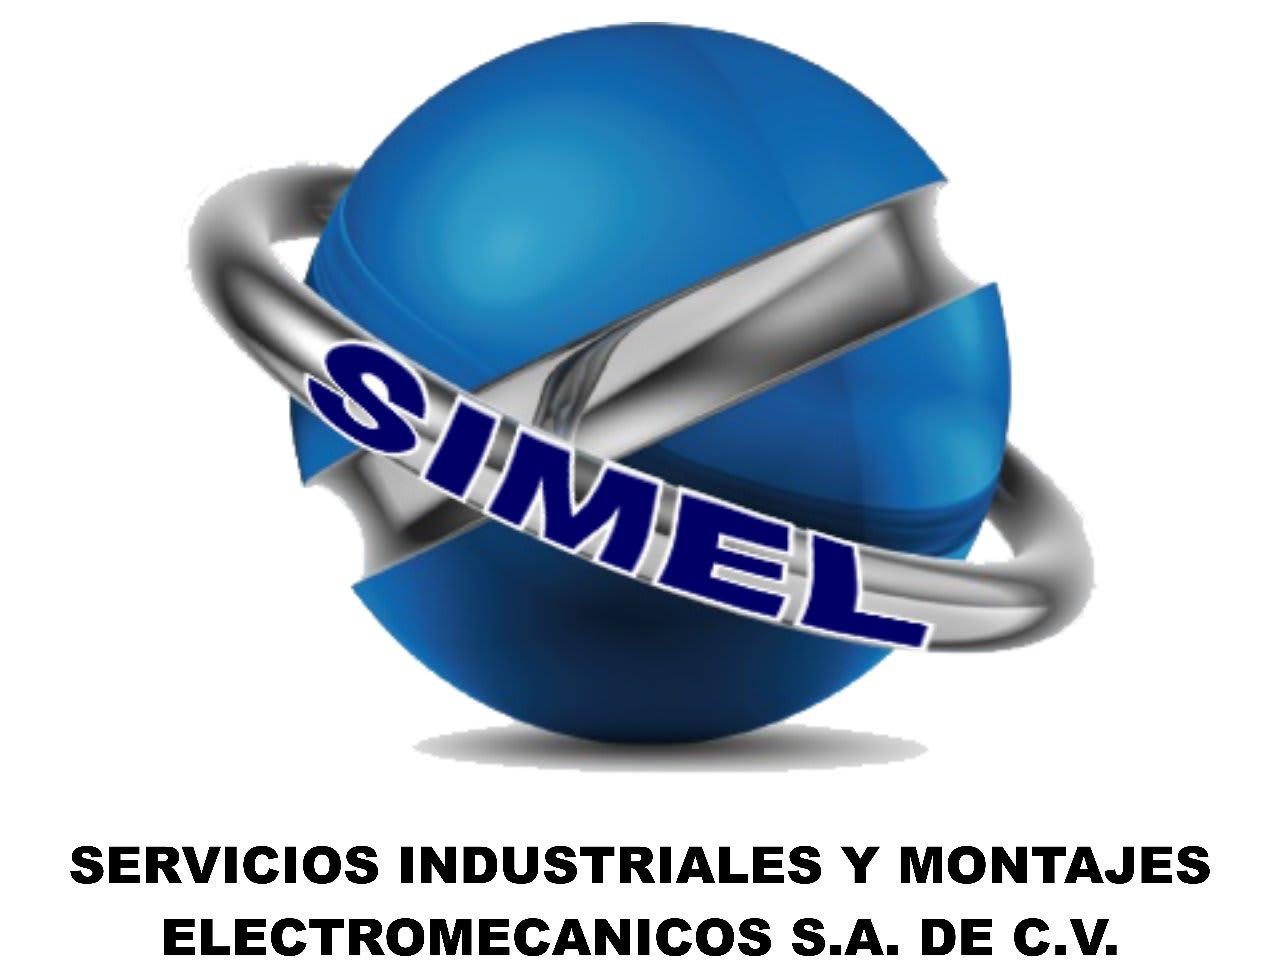 SERVICIOS INDUSTRIALES Y MONTAJES ELECTROMECÁNICOS S.A. DE C.V.